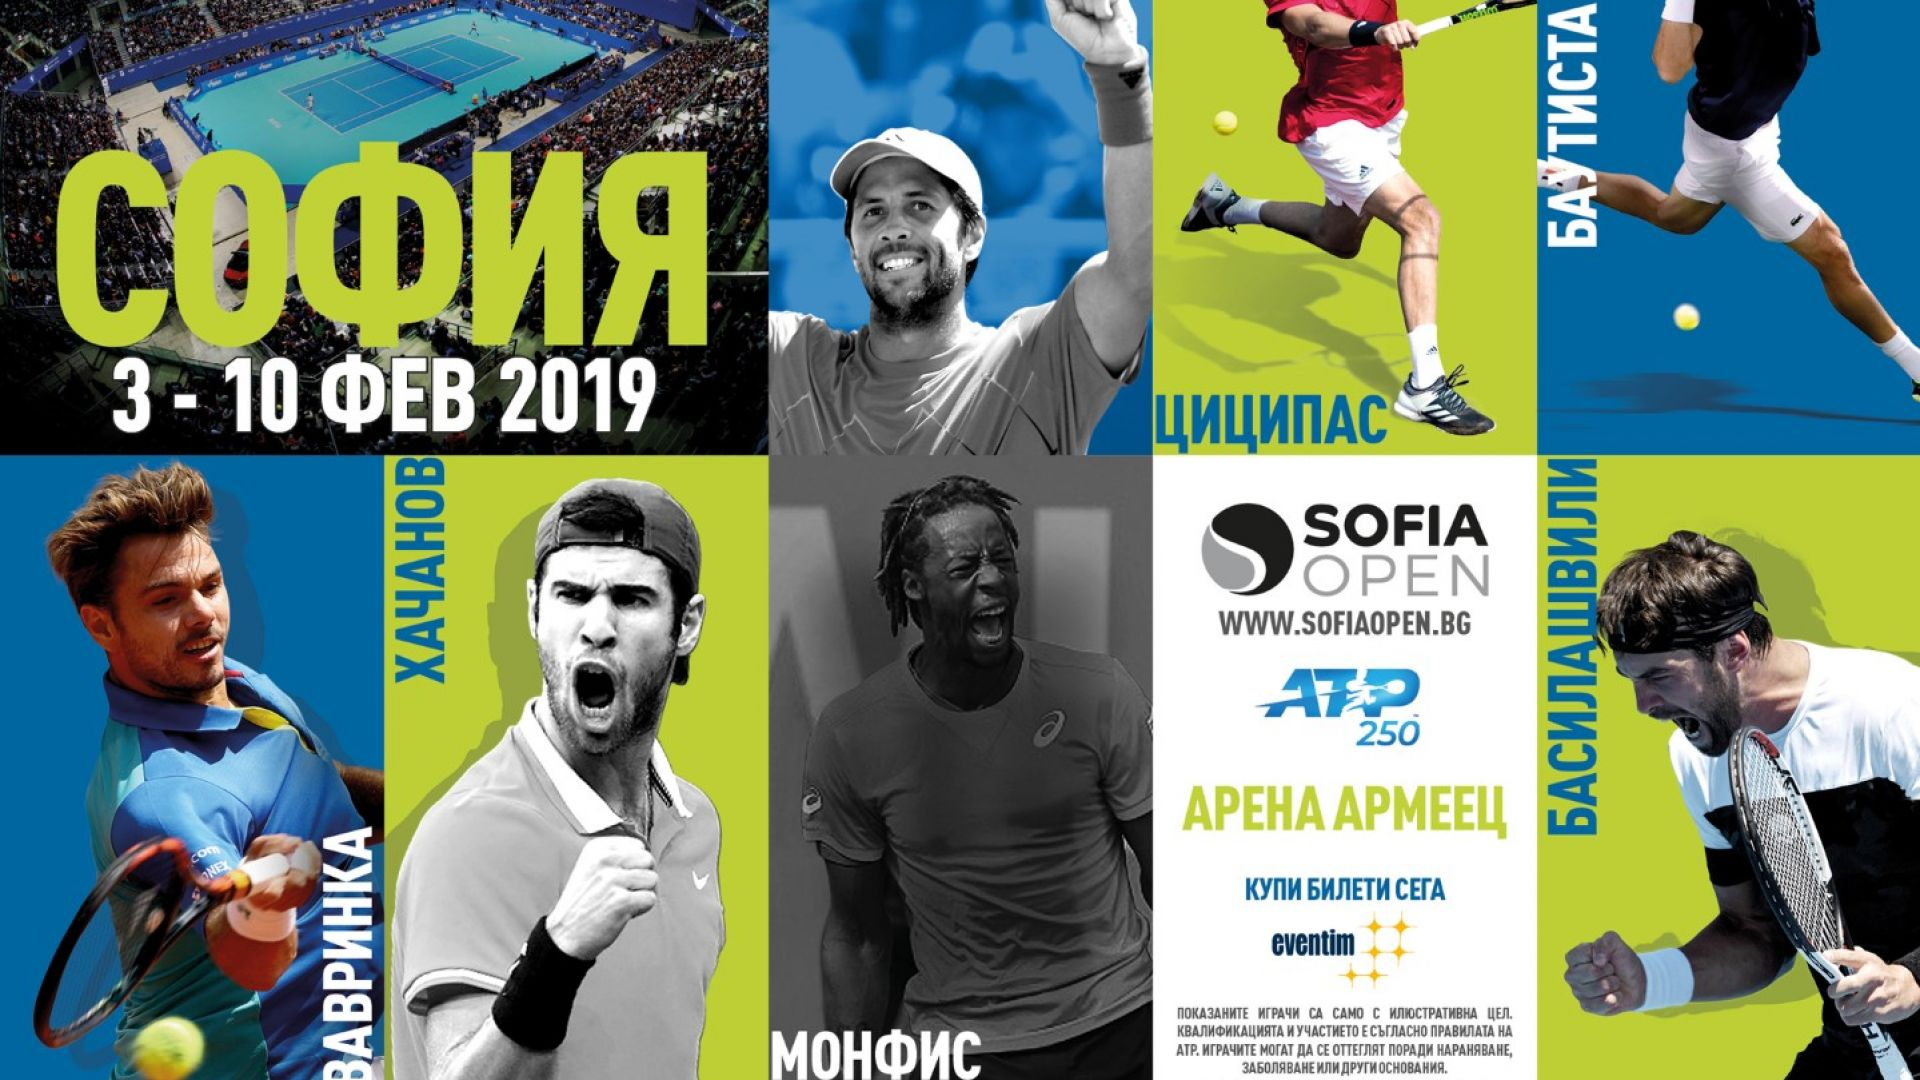 Sofia Open ще се излъчва по телевизията